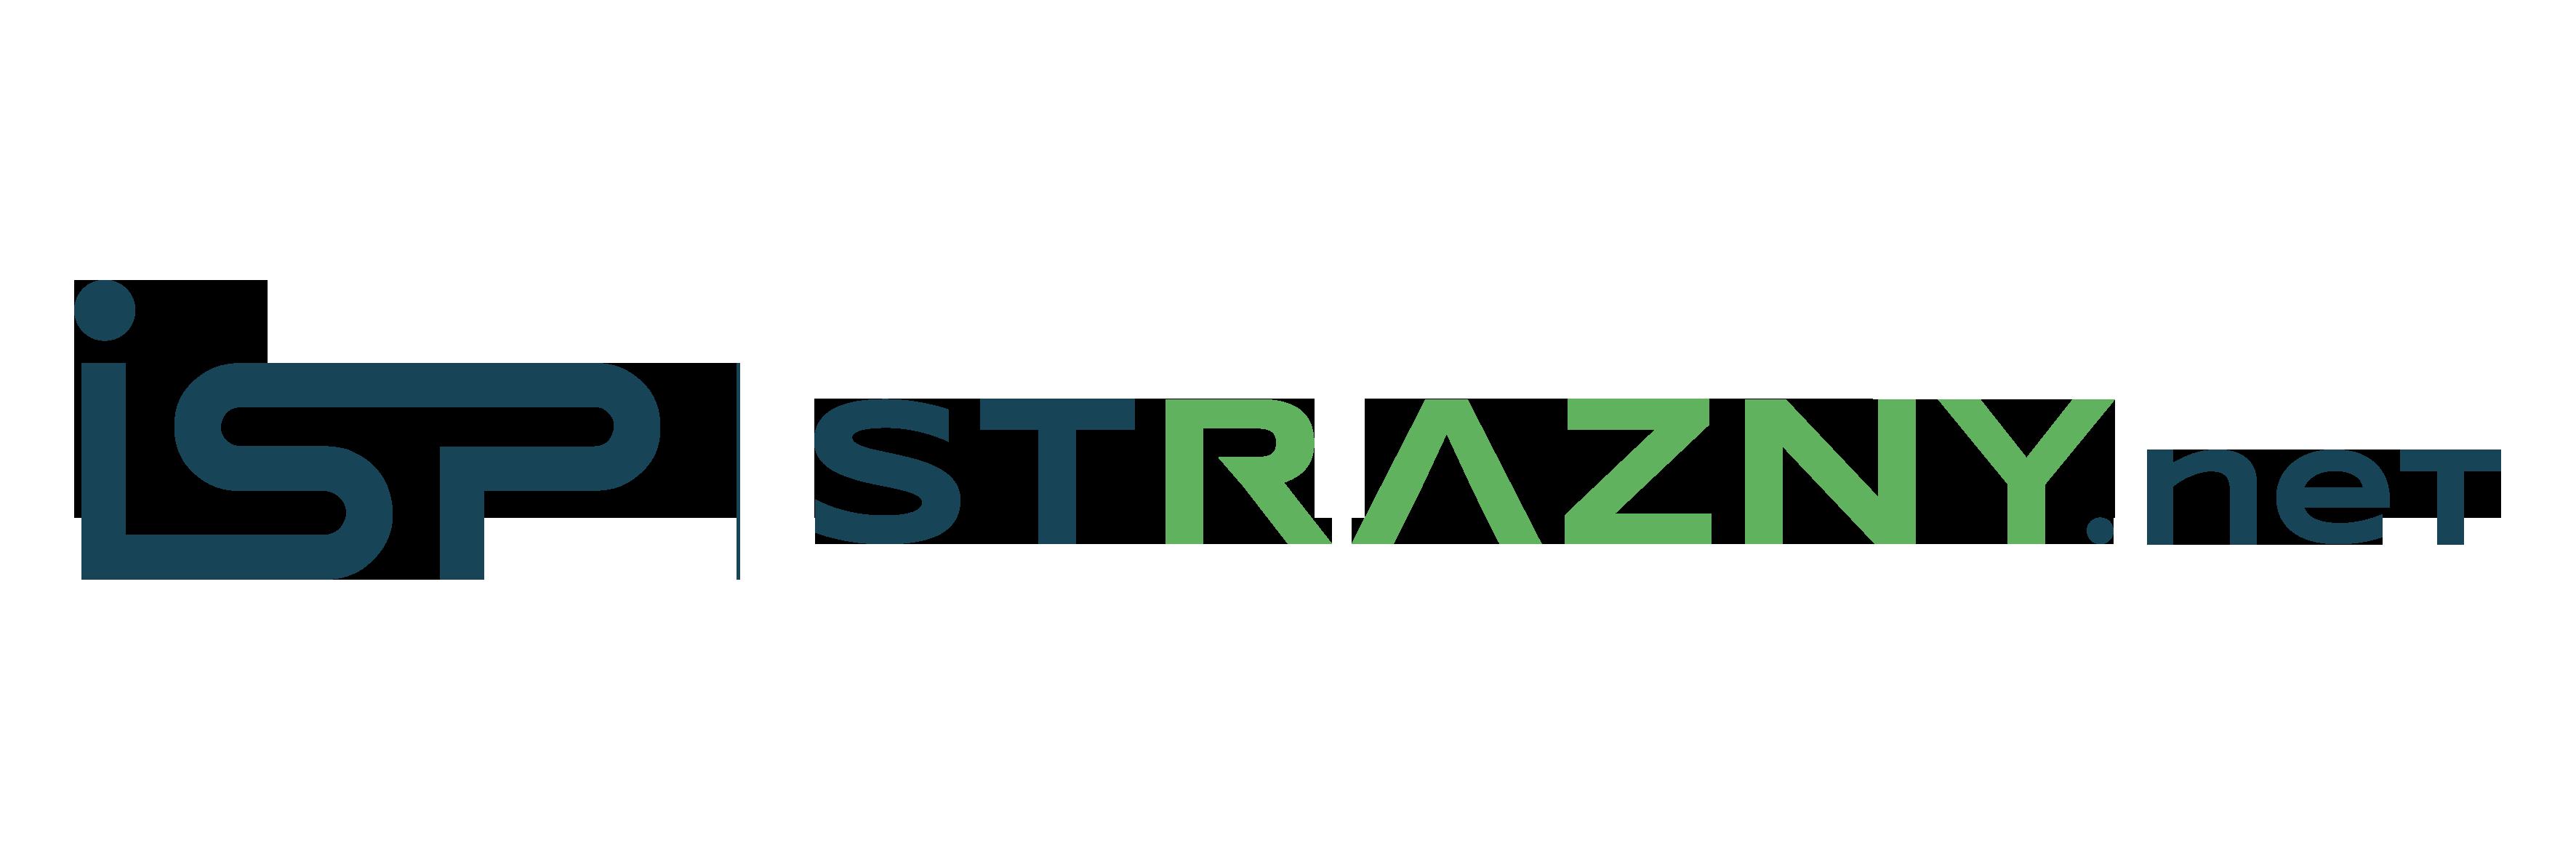 STRAZNY.net